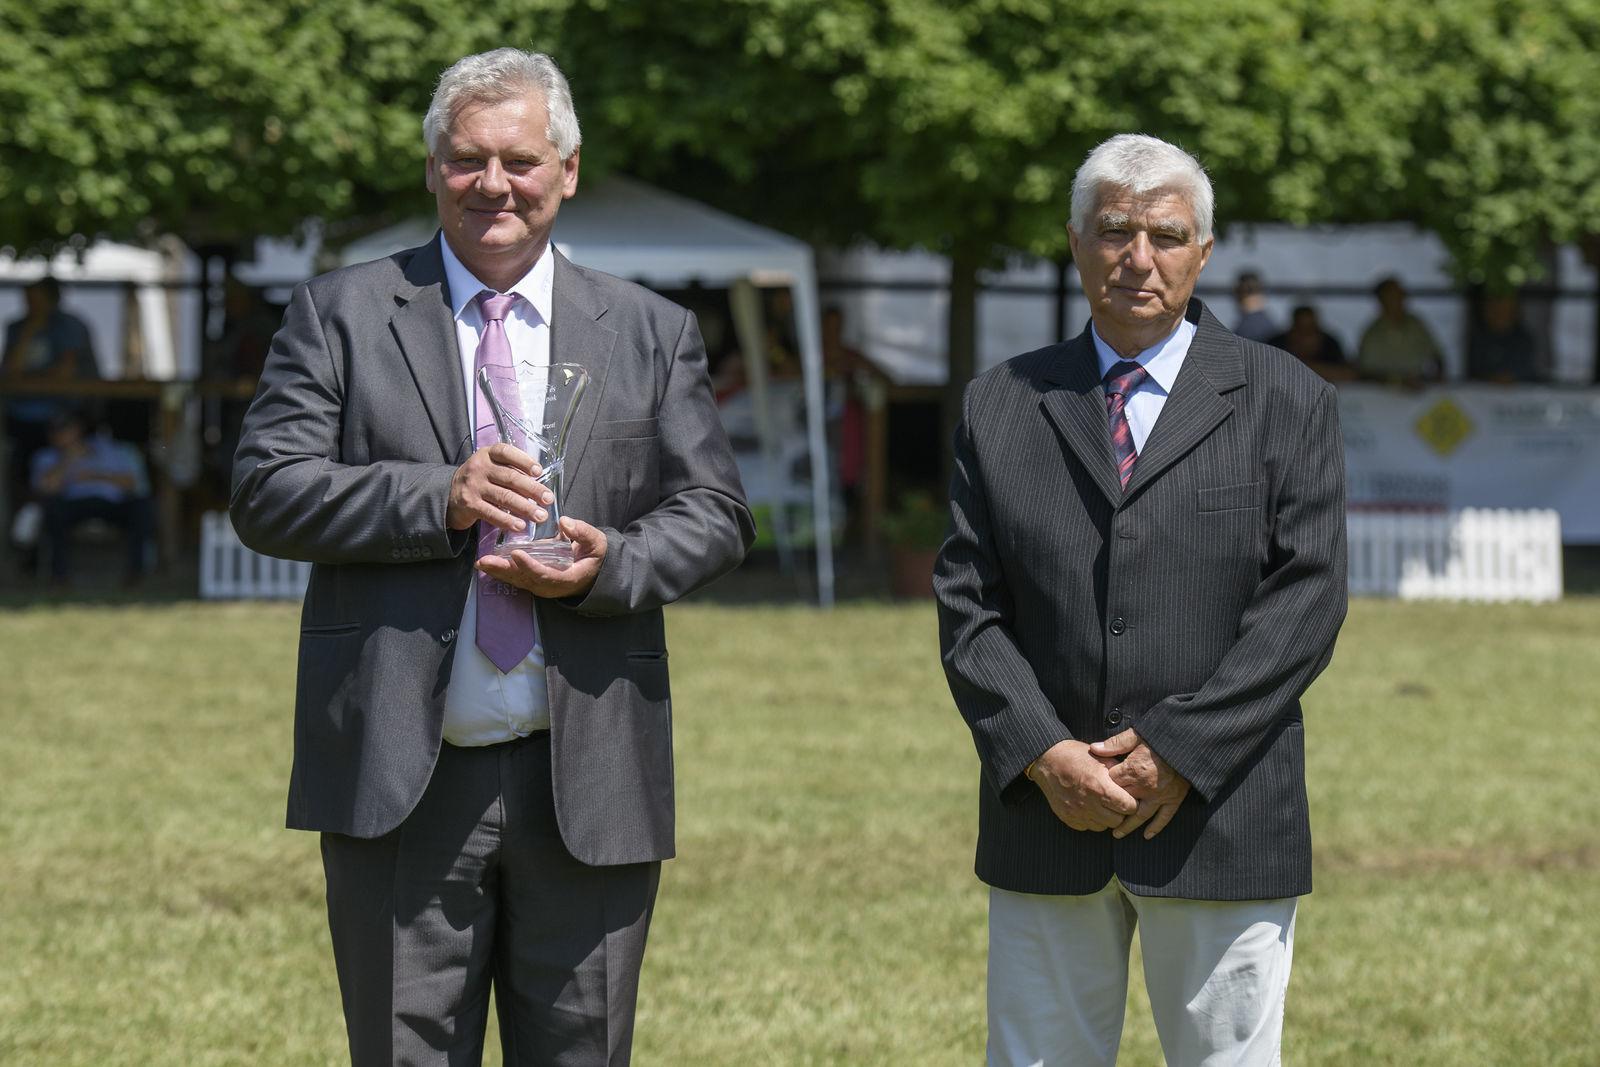 A díjat Eicher József, az egyesület ügyvezető igazgatója vette át Mihók Sándortól, MÁSZ alelnökétől.